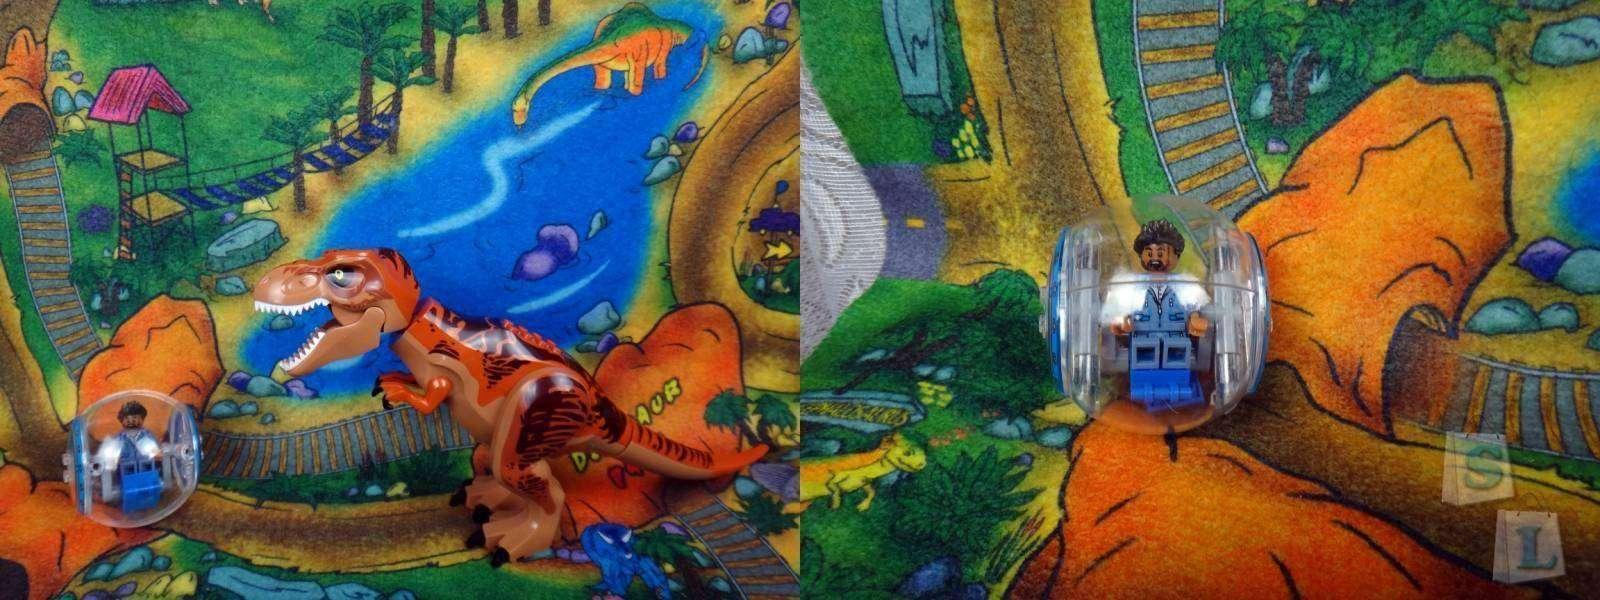 Aliexpress: Обзор конструктора,  аналога лего из серии 'Мир Юрского периода' большого динозавра  с прогулочным шаром